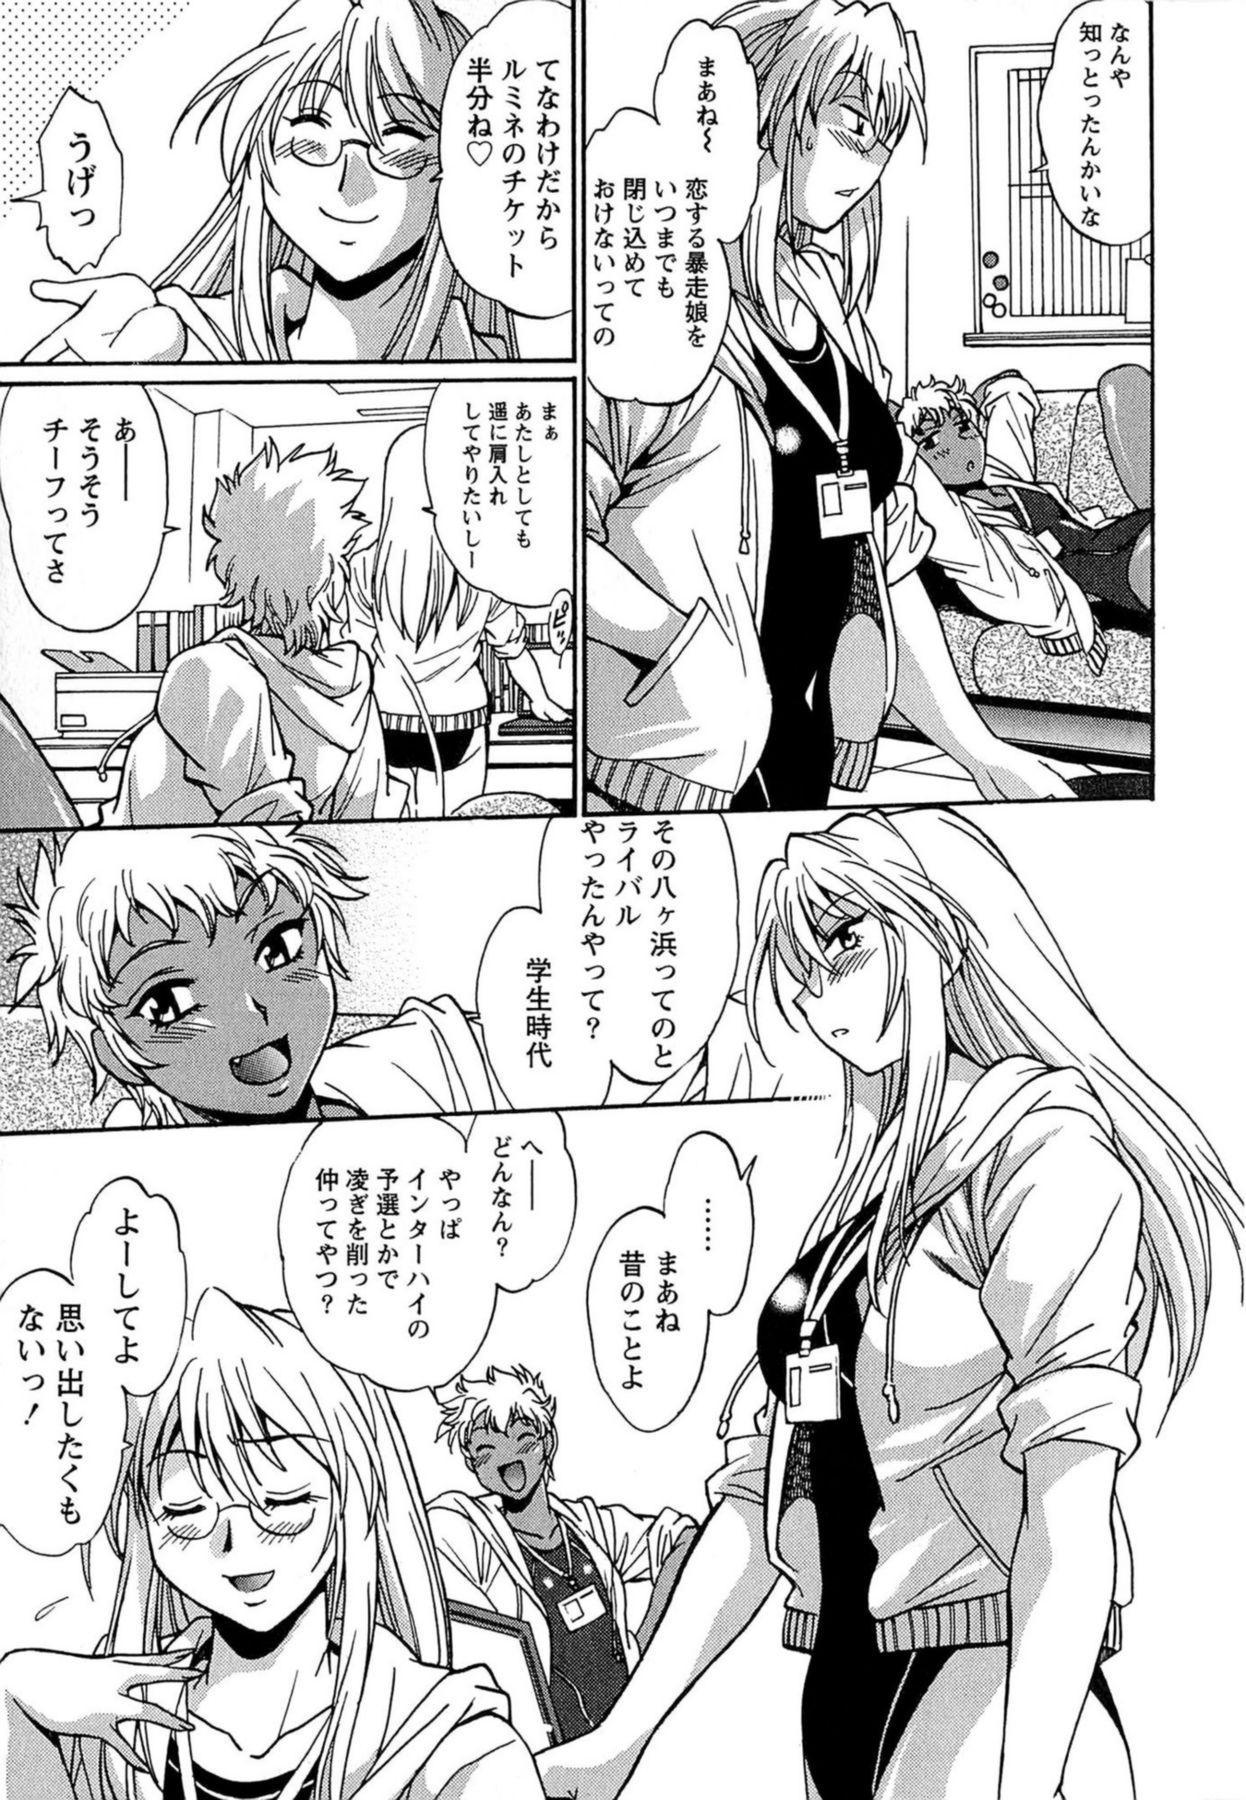 Kuikomi wo Naoshiteru Hima wa Nai! Vol. 1 143